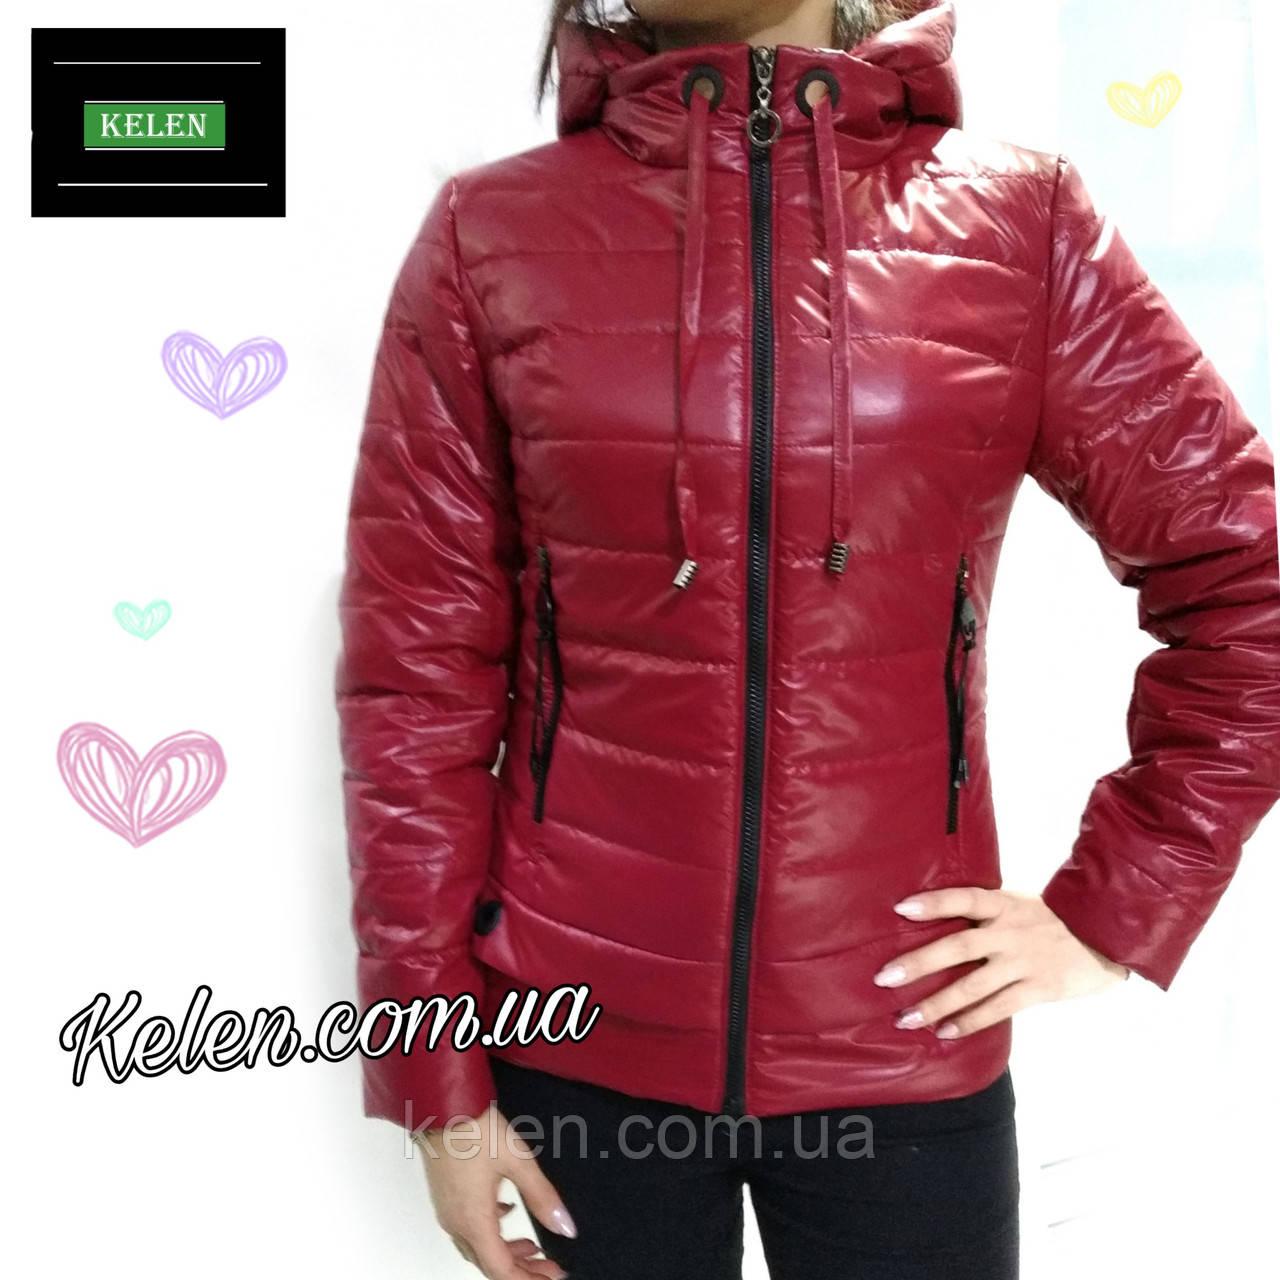 Куртка короткая демисезонная красная